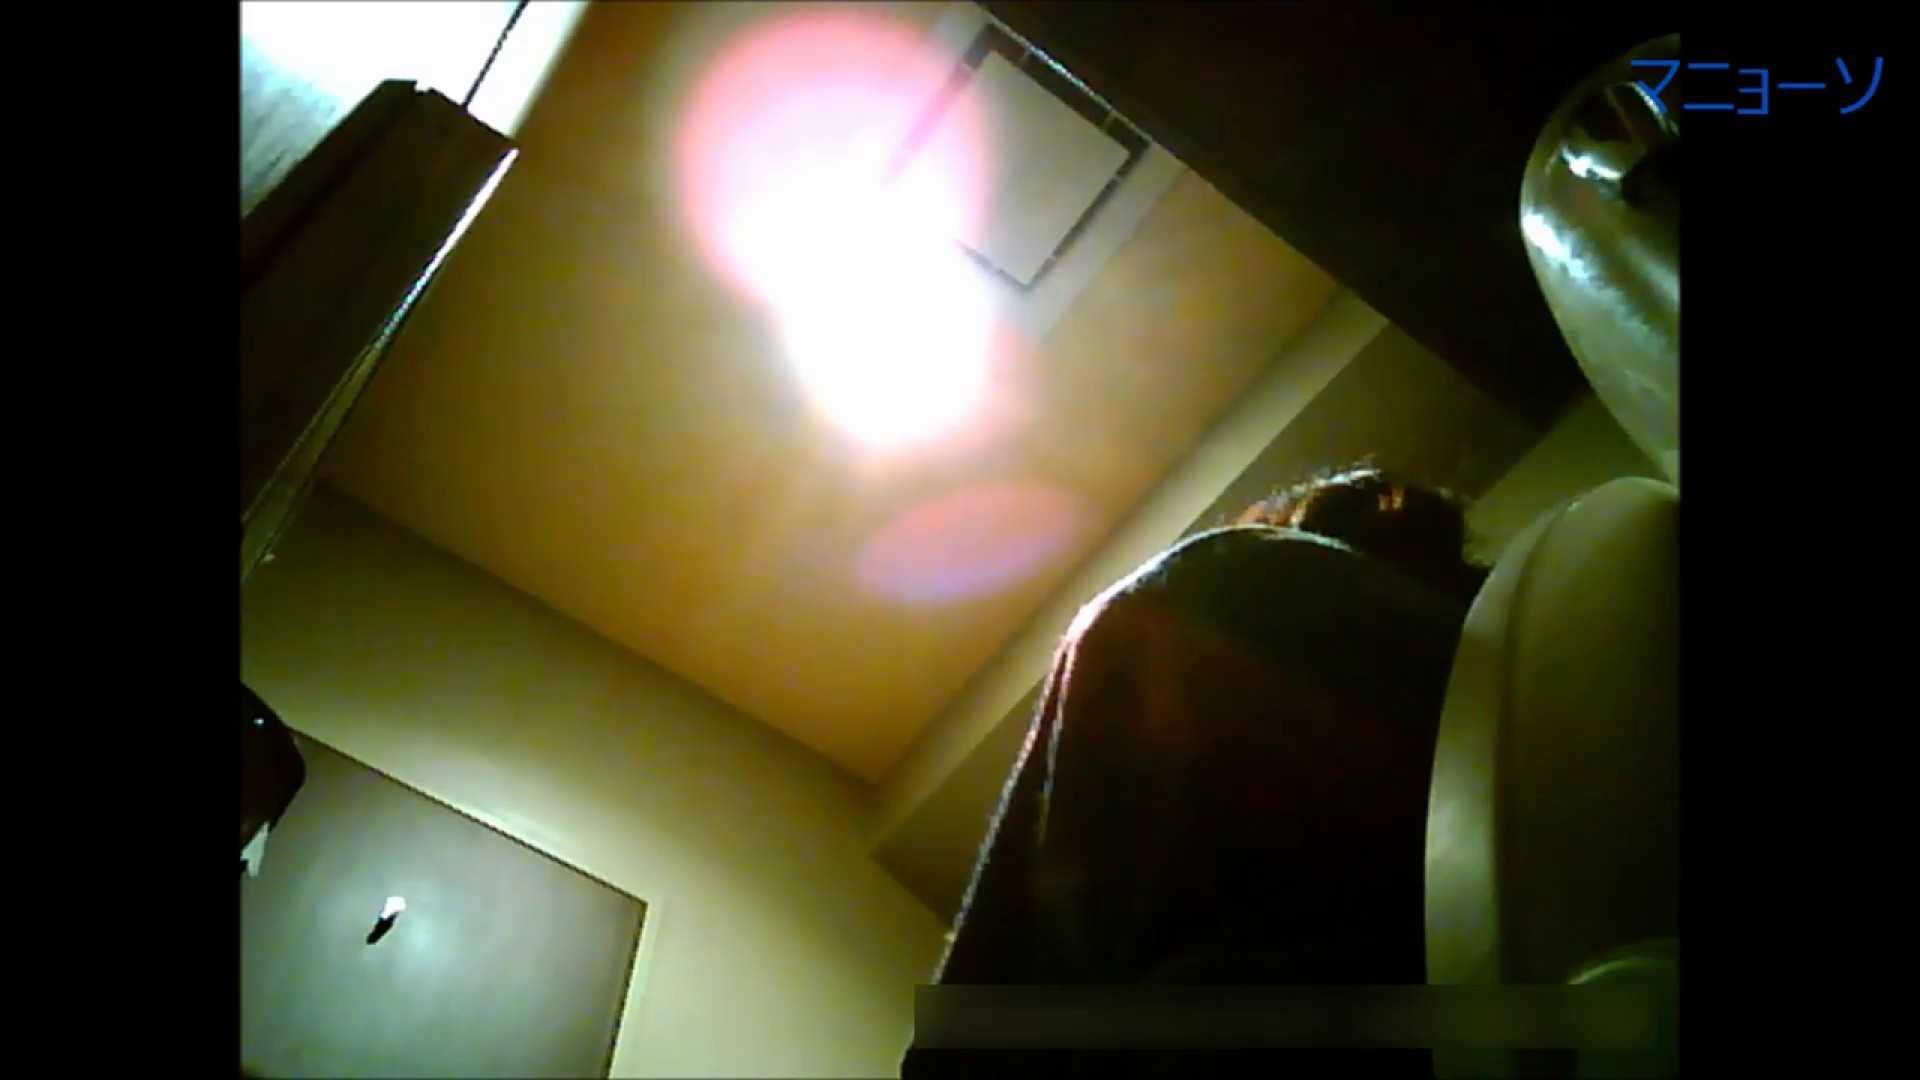 トイレでひと肌脱いでもらいました (JD編)Vol.02 トイレ中の女子達 | エッチすぎるOL達  106連発 31